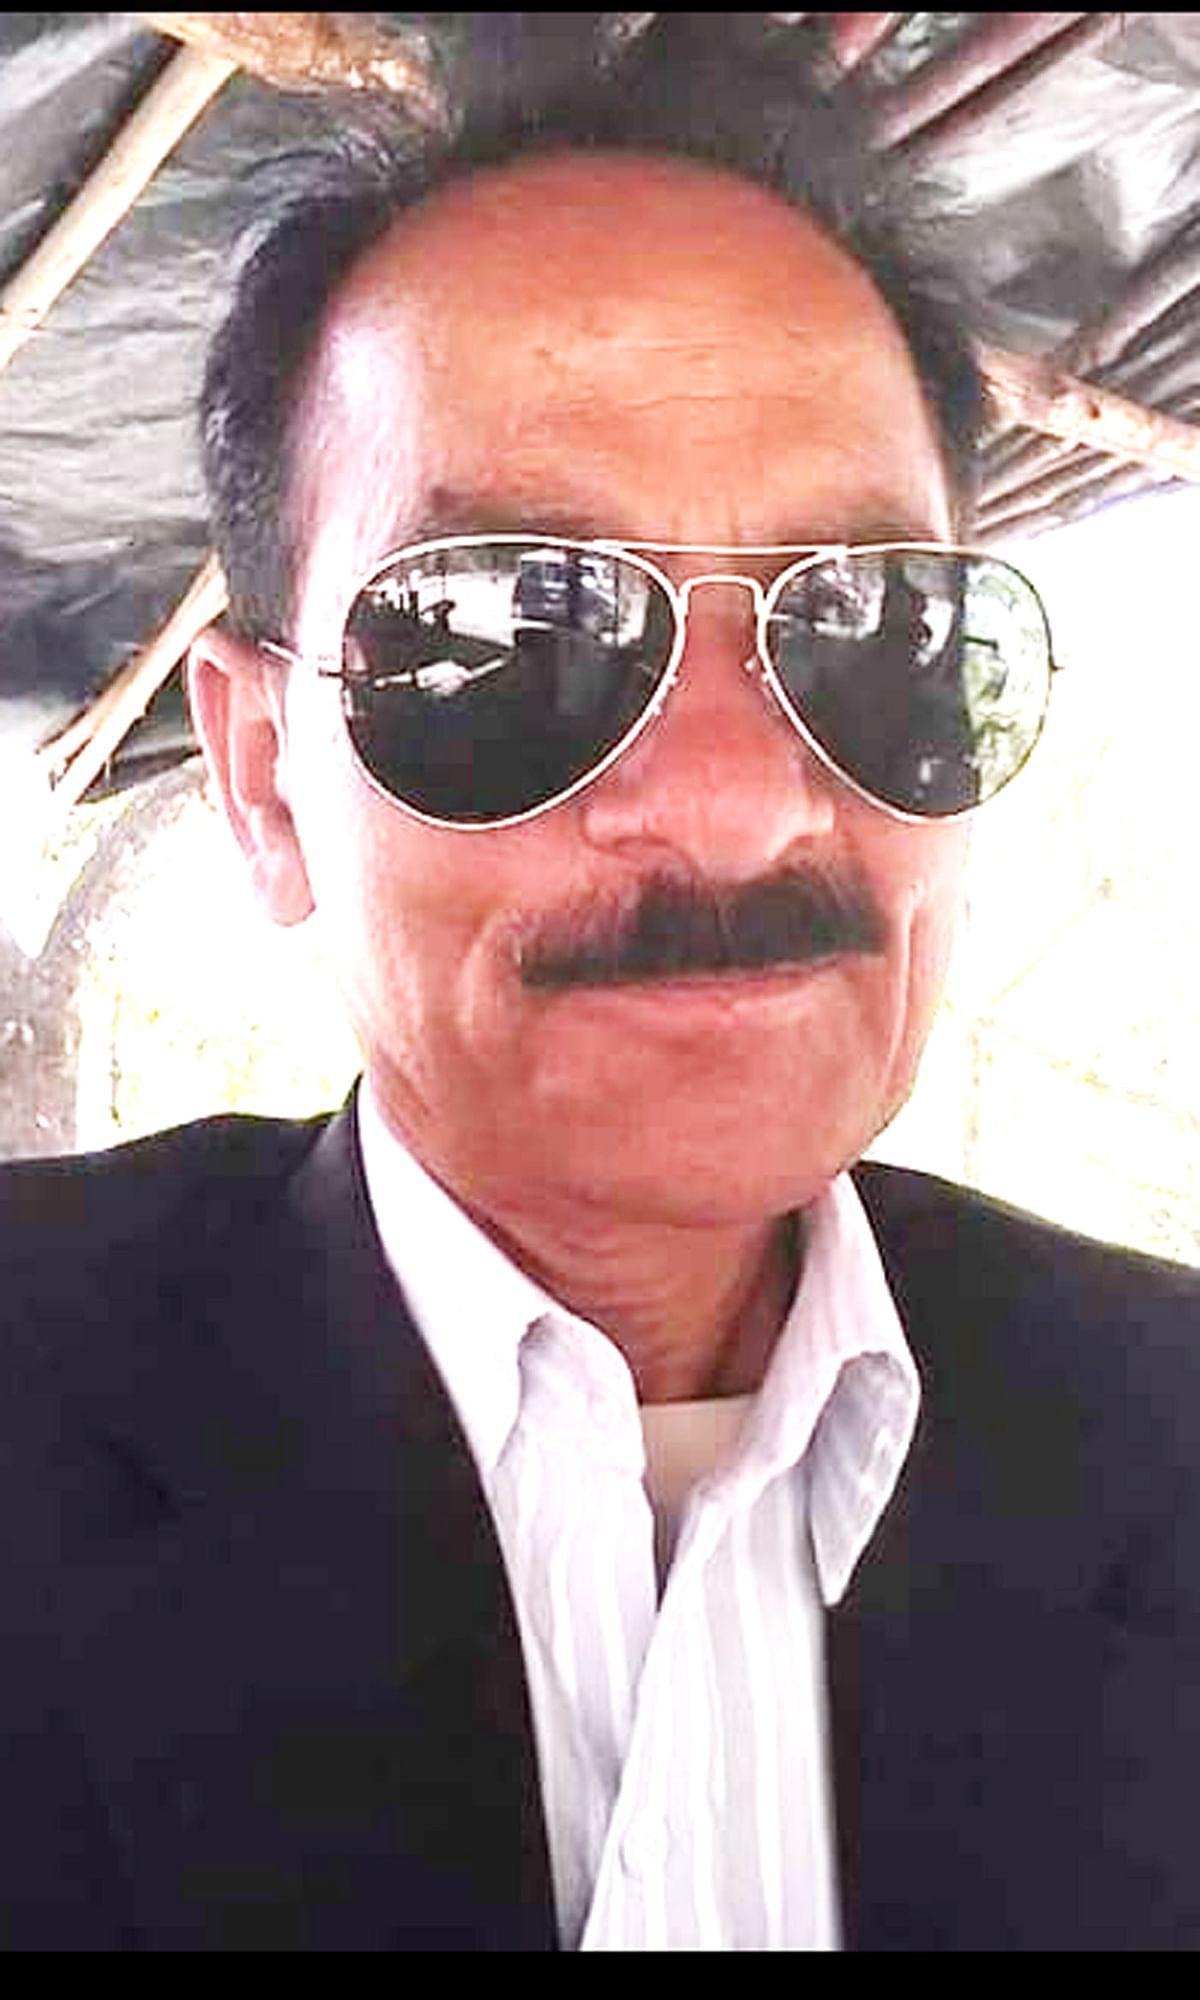 वरिष्ठ अधिवक्ता सादिक रजा खान का निधन